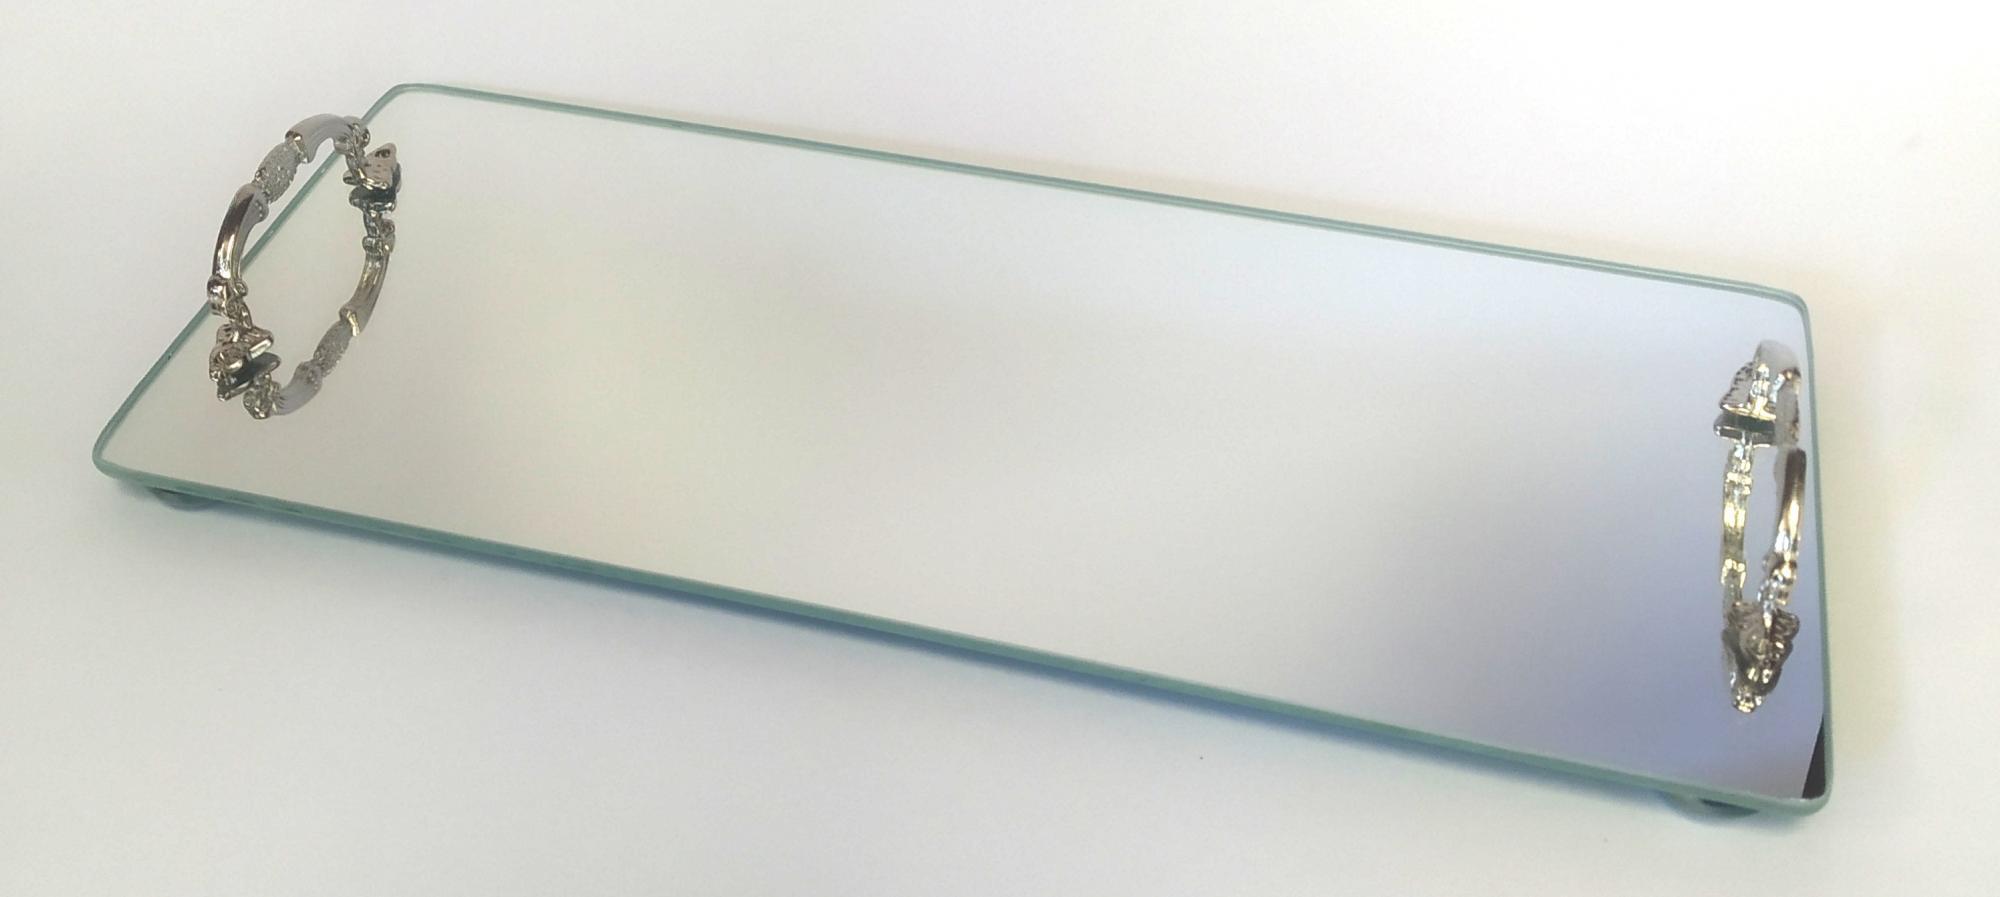 Base com Alça Metálica média - Espelhada